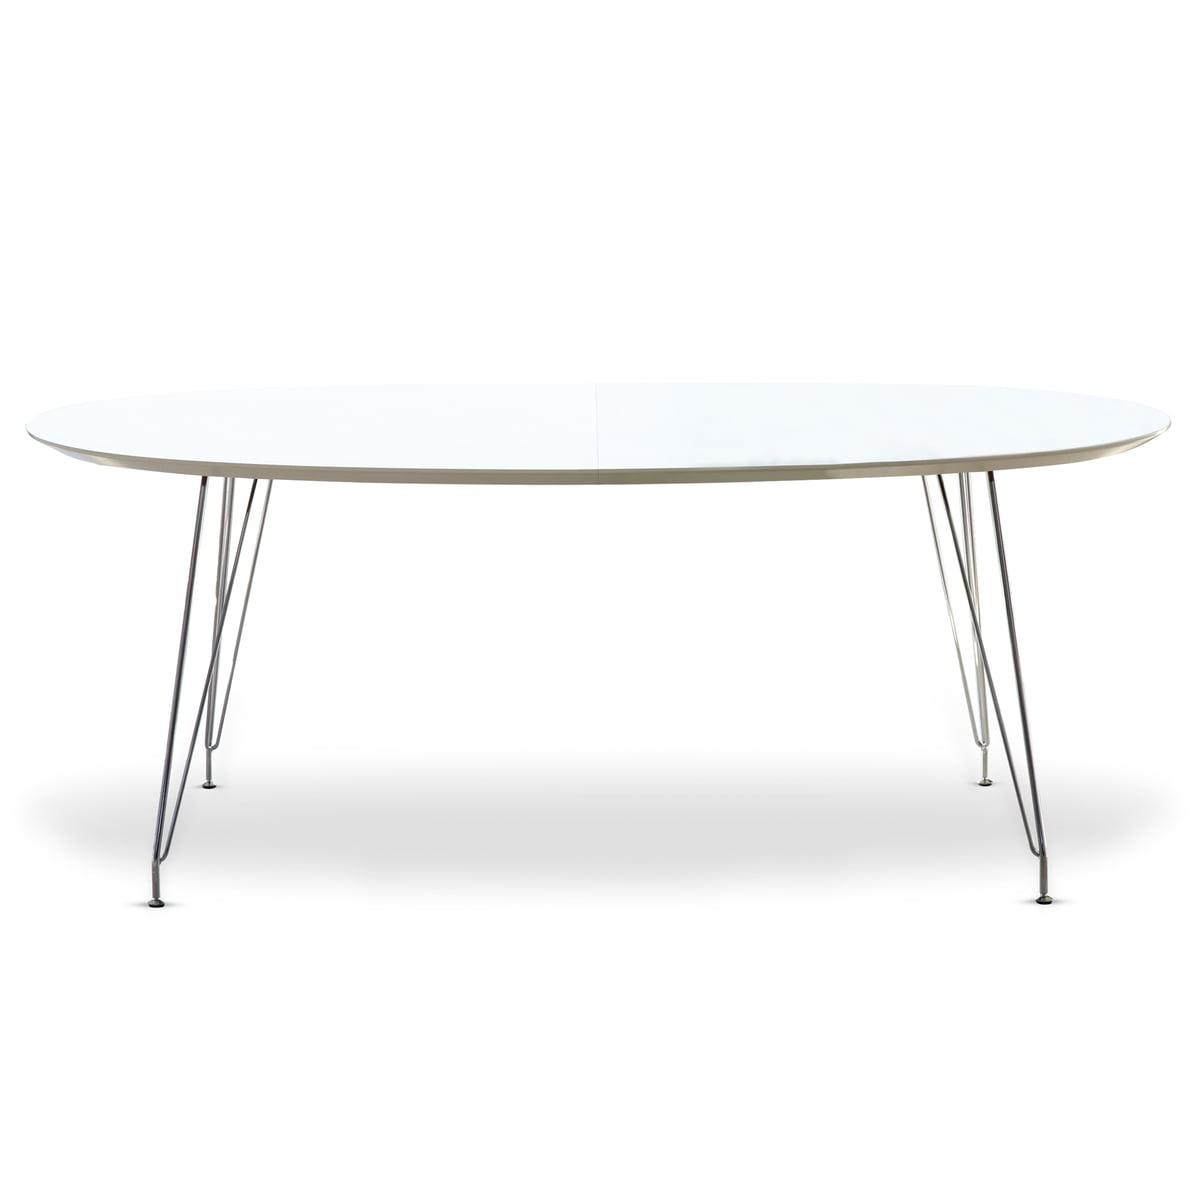 Großartig DK10 Esstisch Oval Von Andersen Furniture (Tischplatte Laminat, Weiß,  Gestell Edelstahl Verchromt)